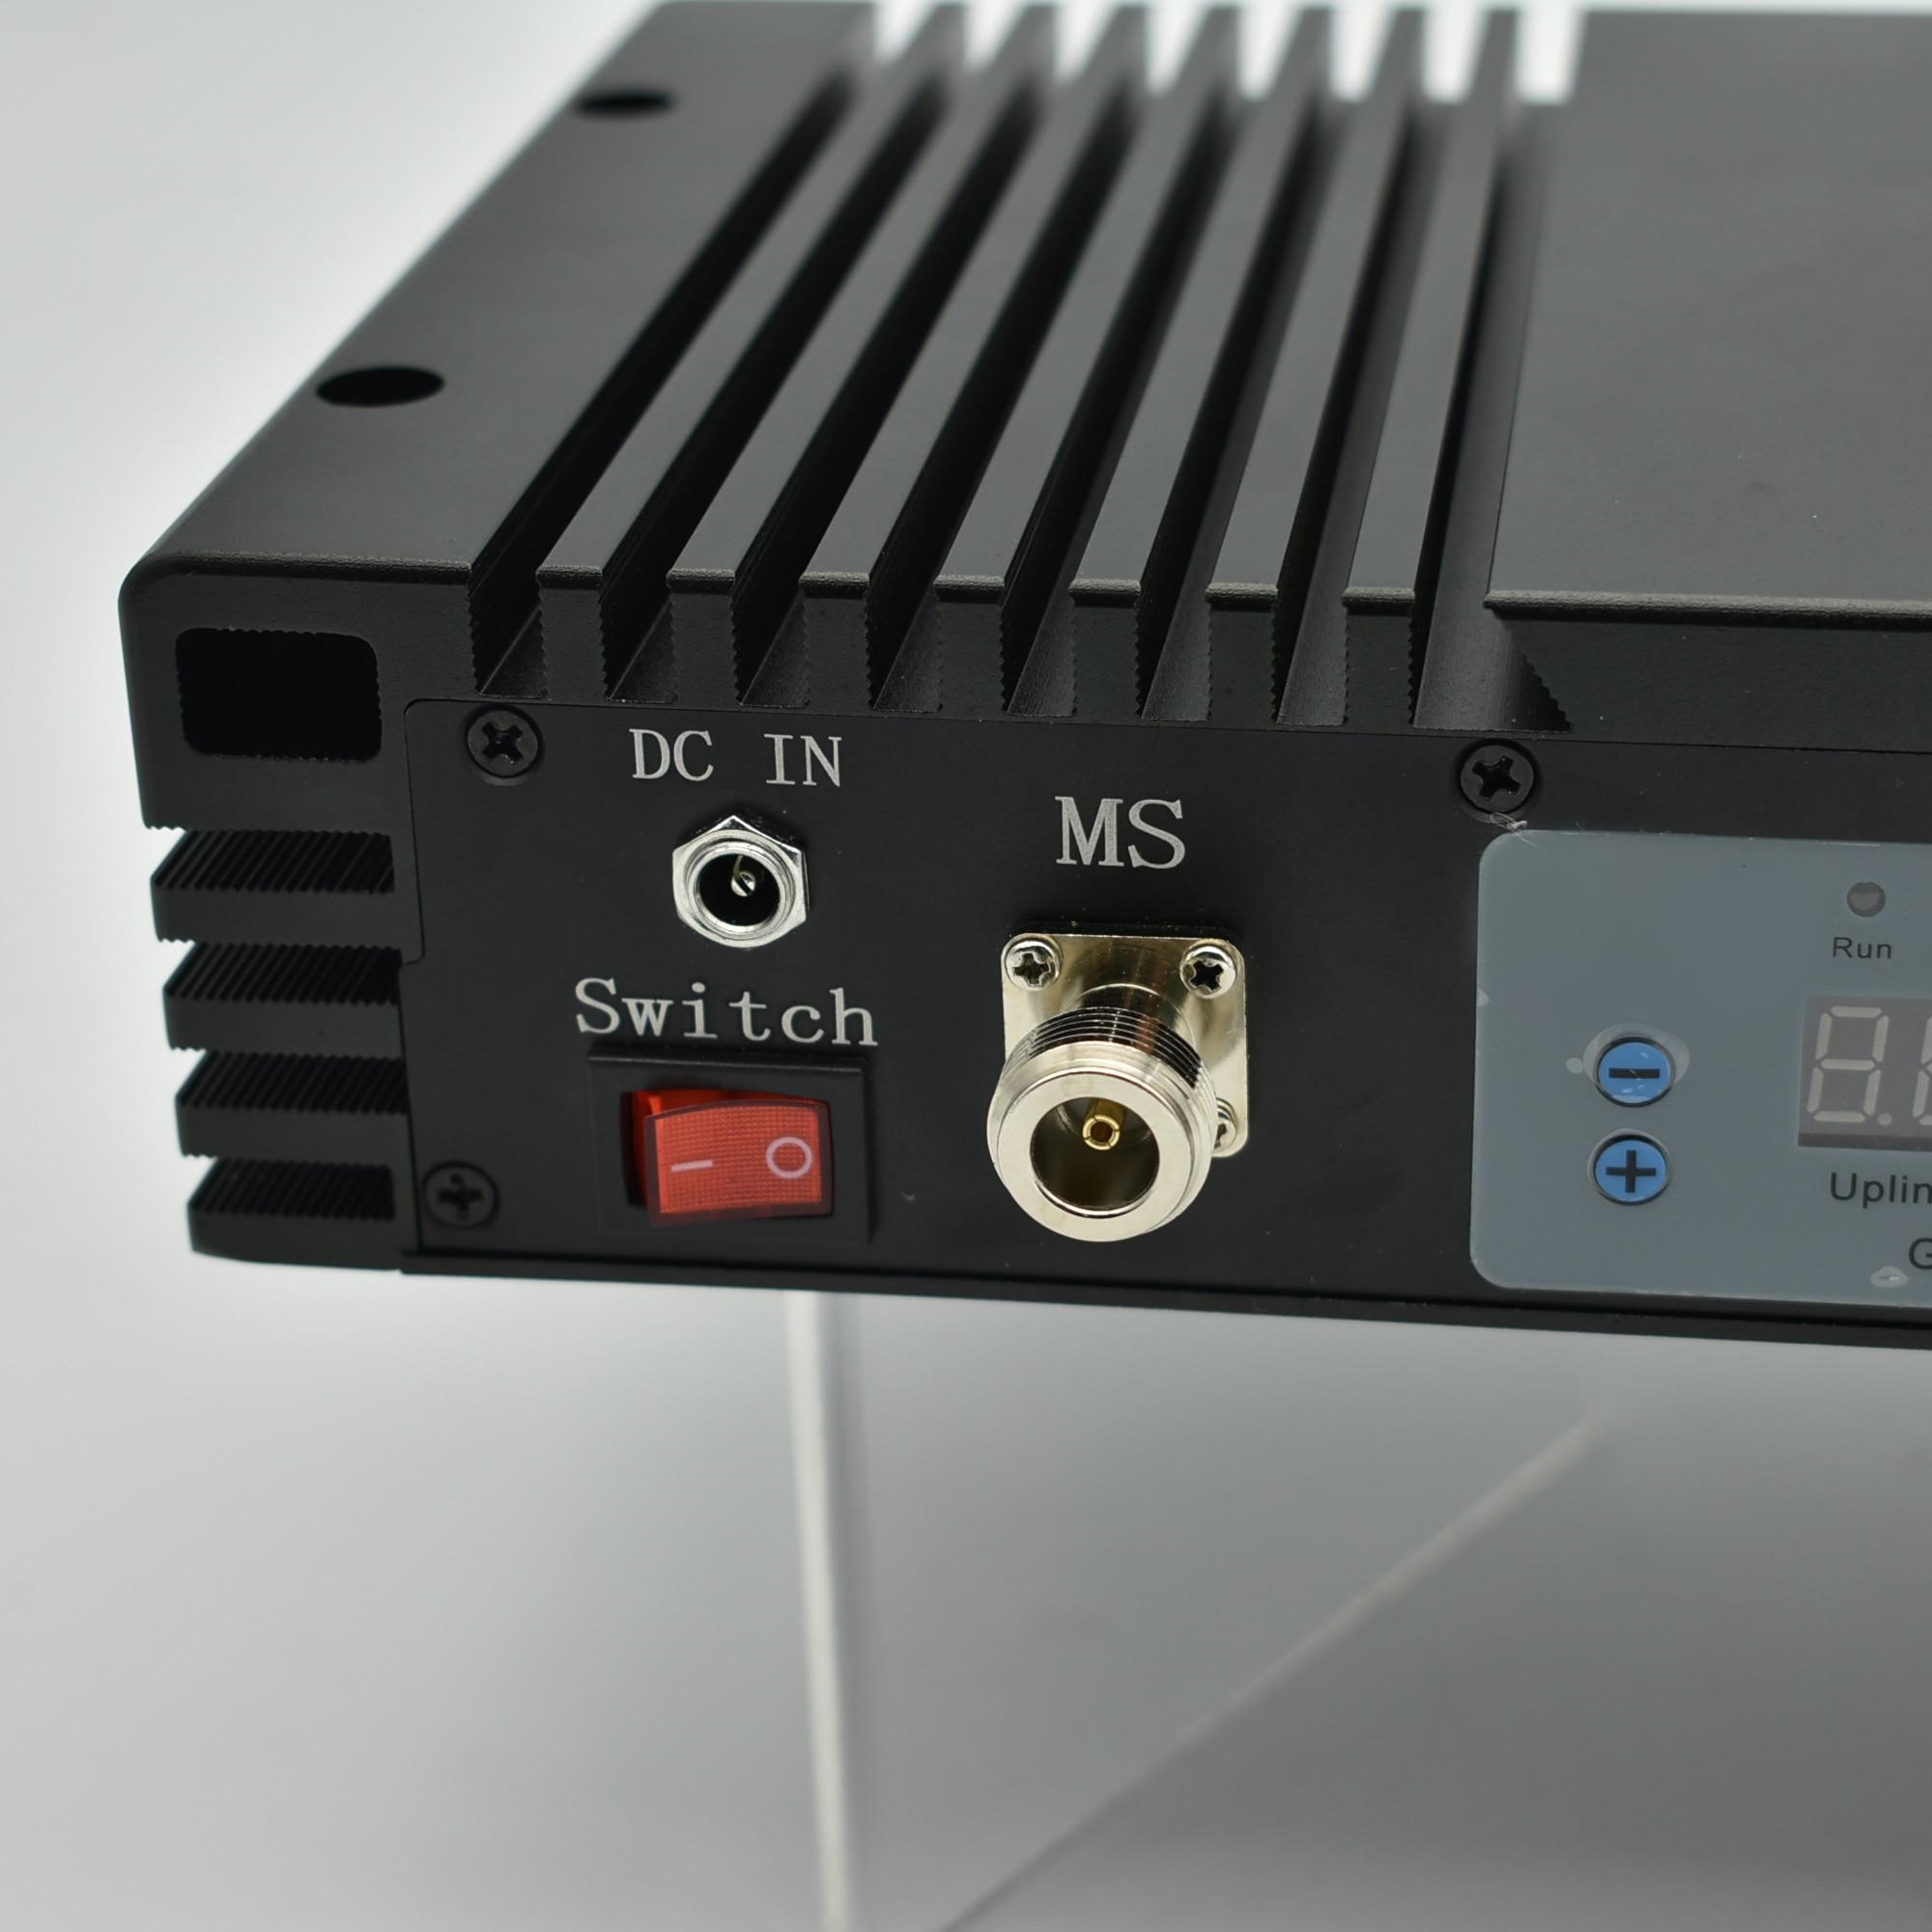 Трехдиапазонный усилитель сигнала Lintratek, 90dB 33dBm 2 Вт, GSM 2G 3G 4G, ретранслятор 900 1800 2100 МГц мобильный телефон, усилитель сигнала 33F-GDW